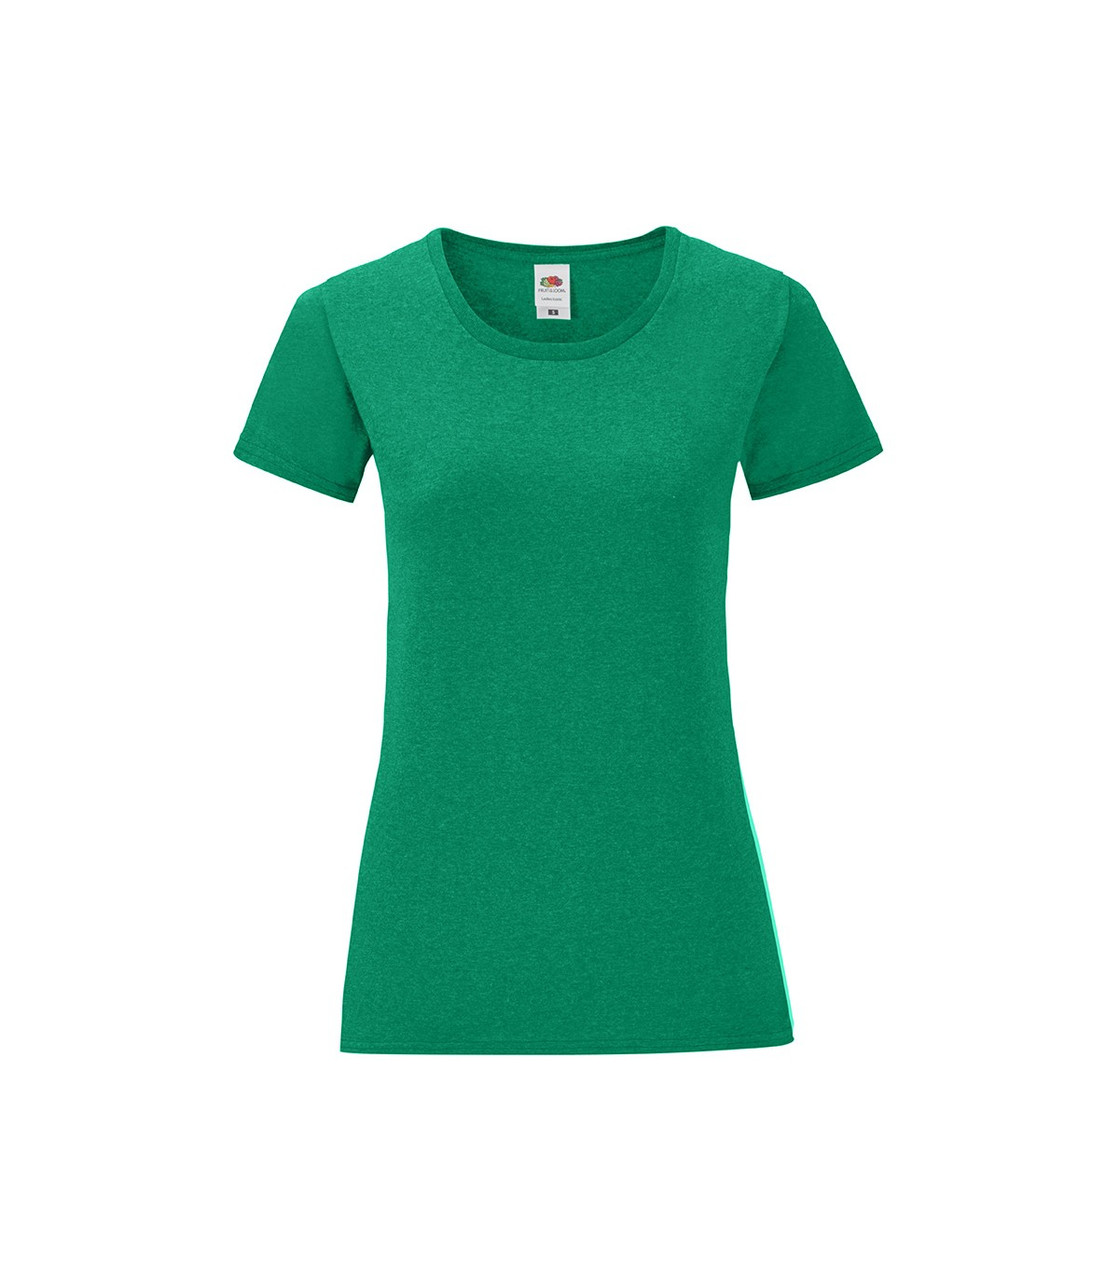 Женская футболка хлопок зеленая меланж 432-RX